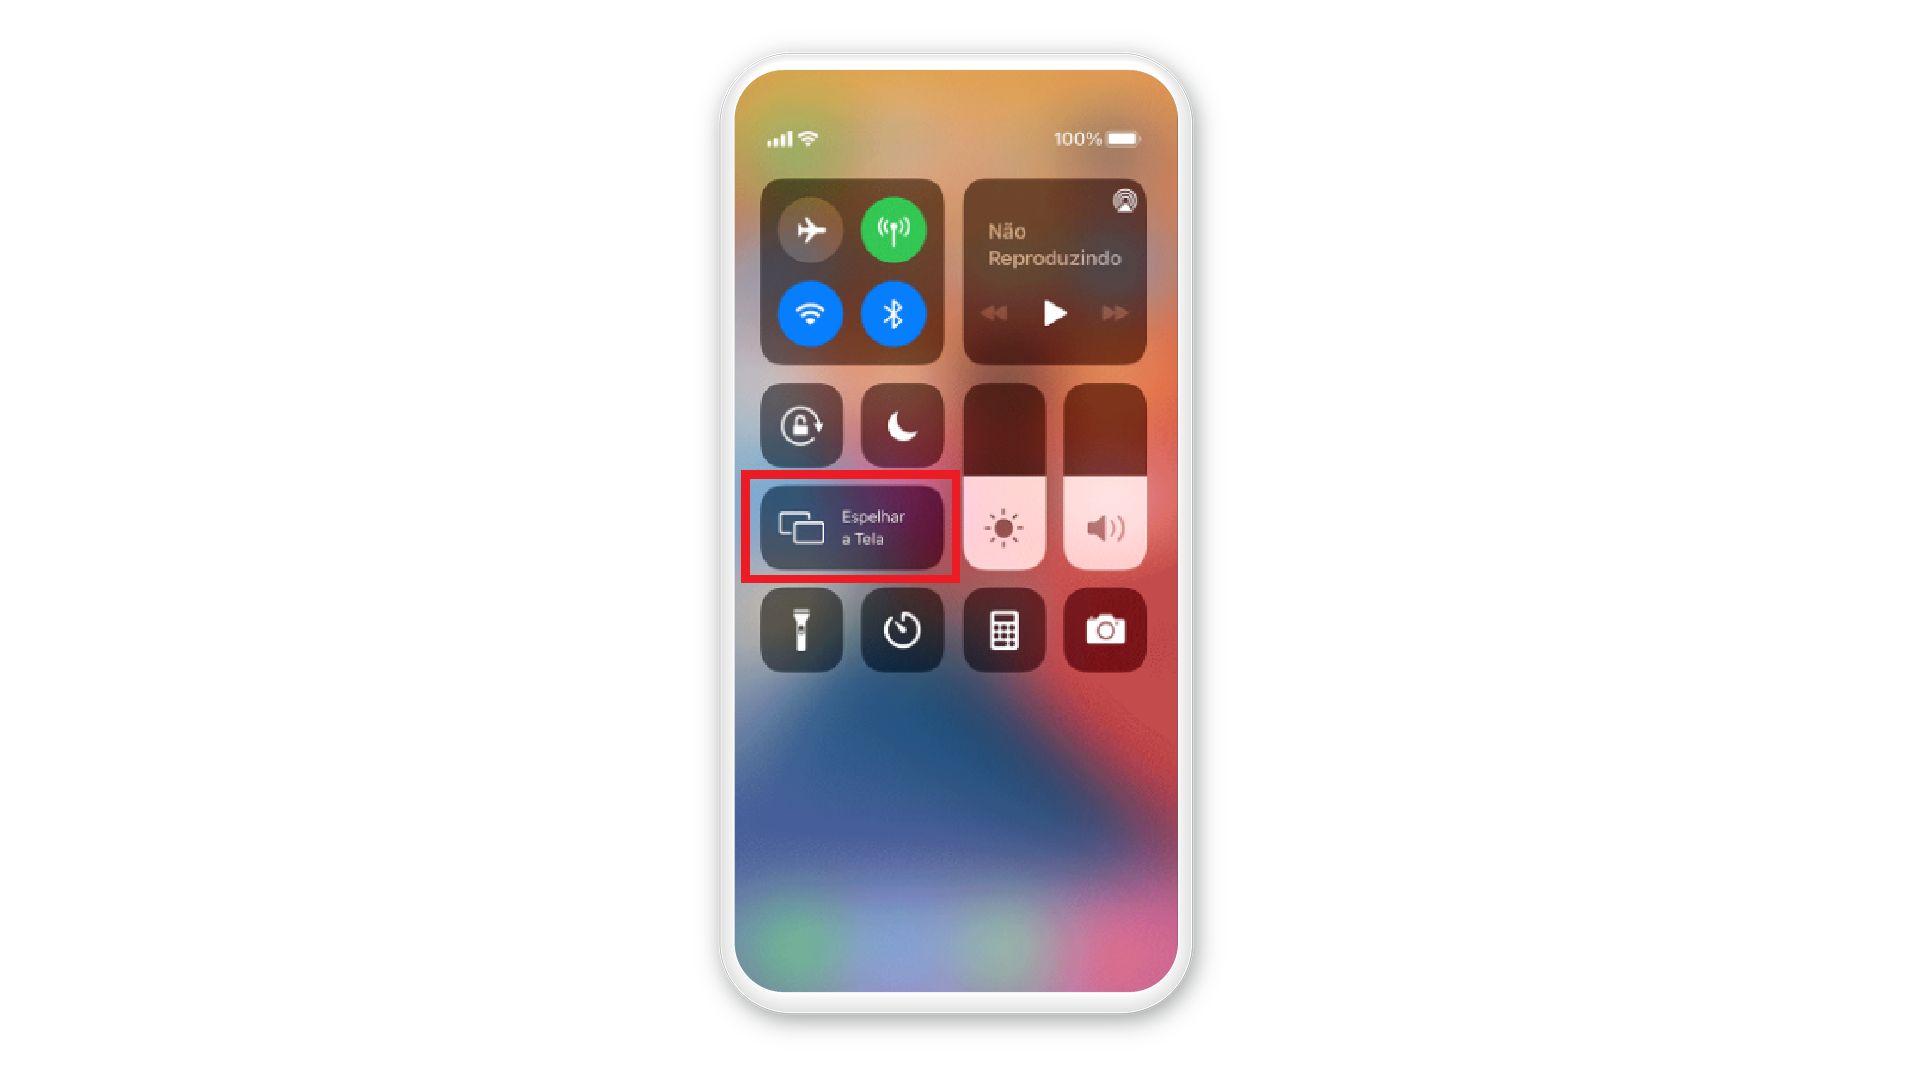 A opção de espelhar tela está disponível no menu de controle do seu iPhone (Reprodução: Apple)